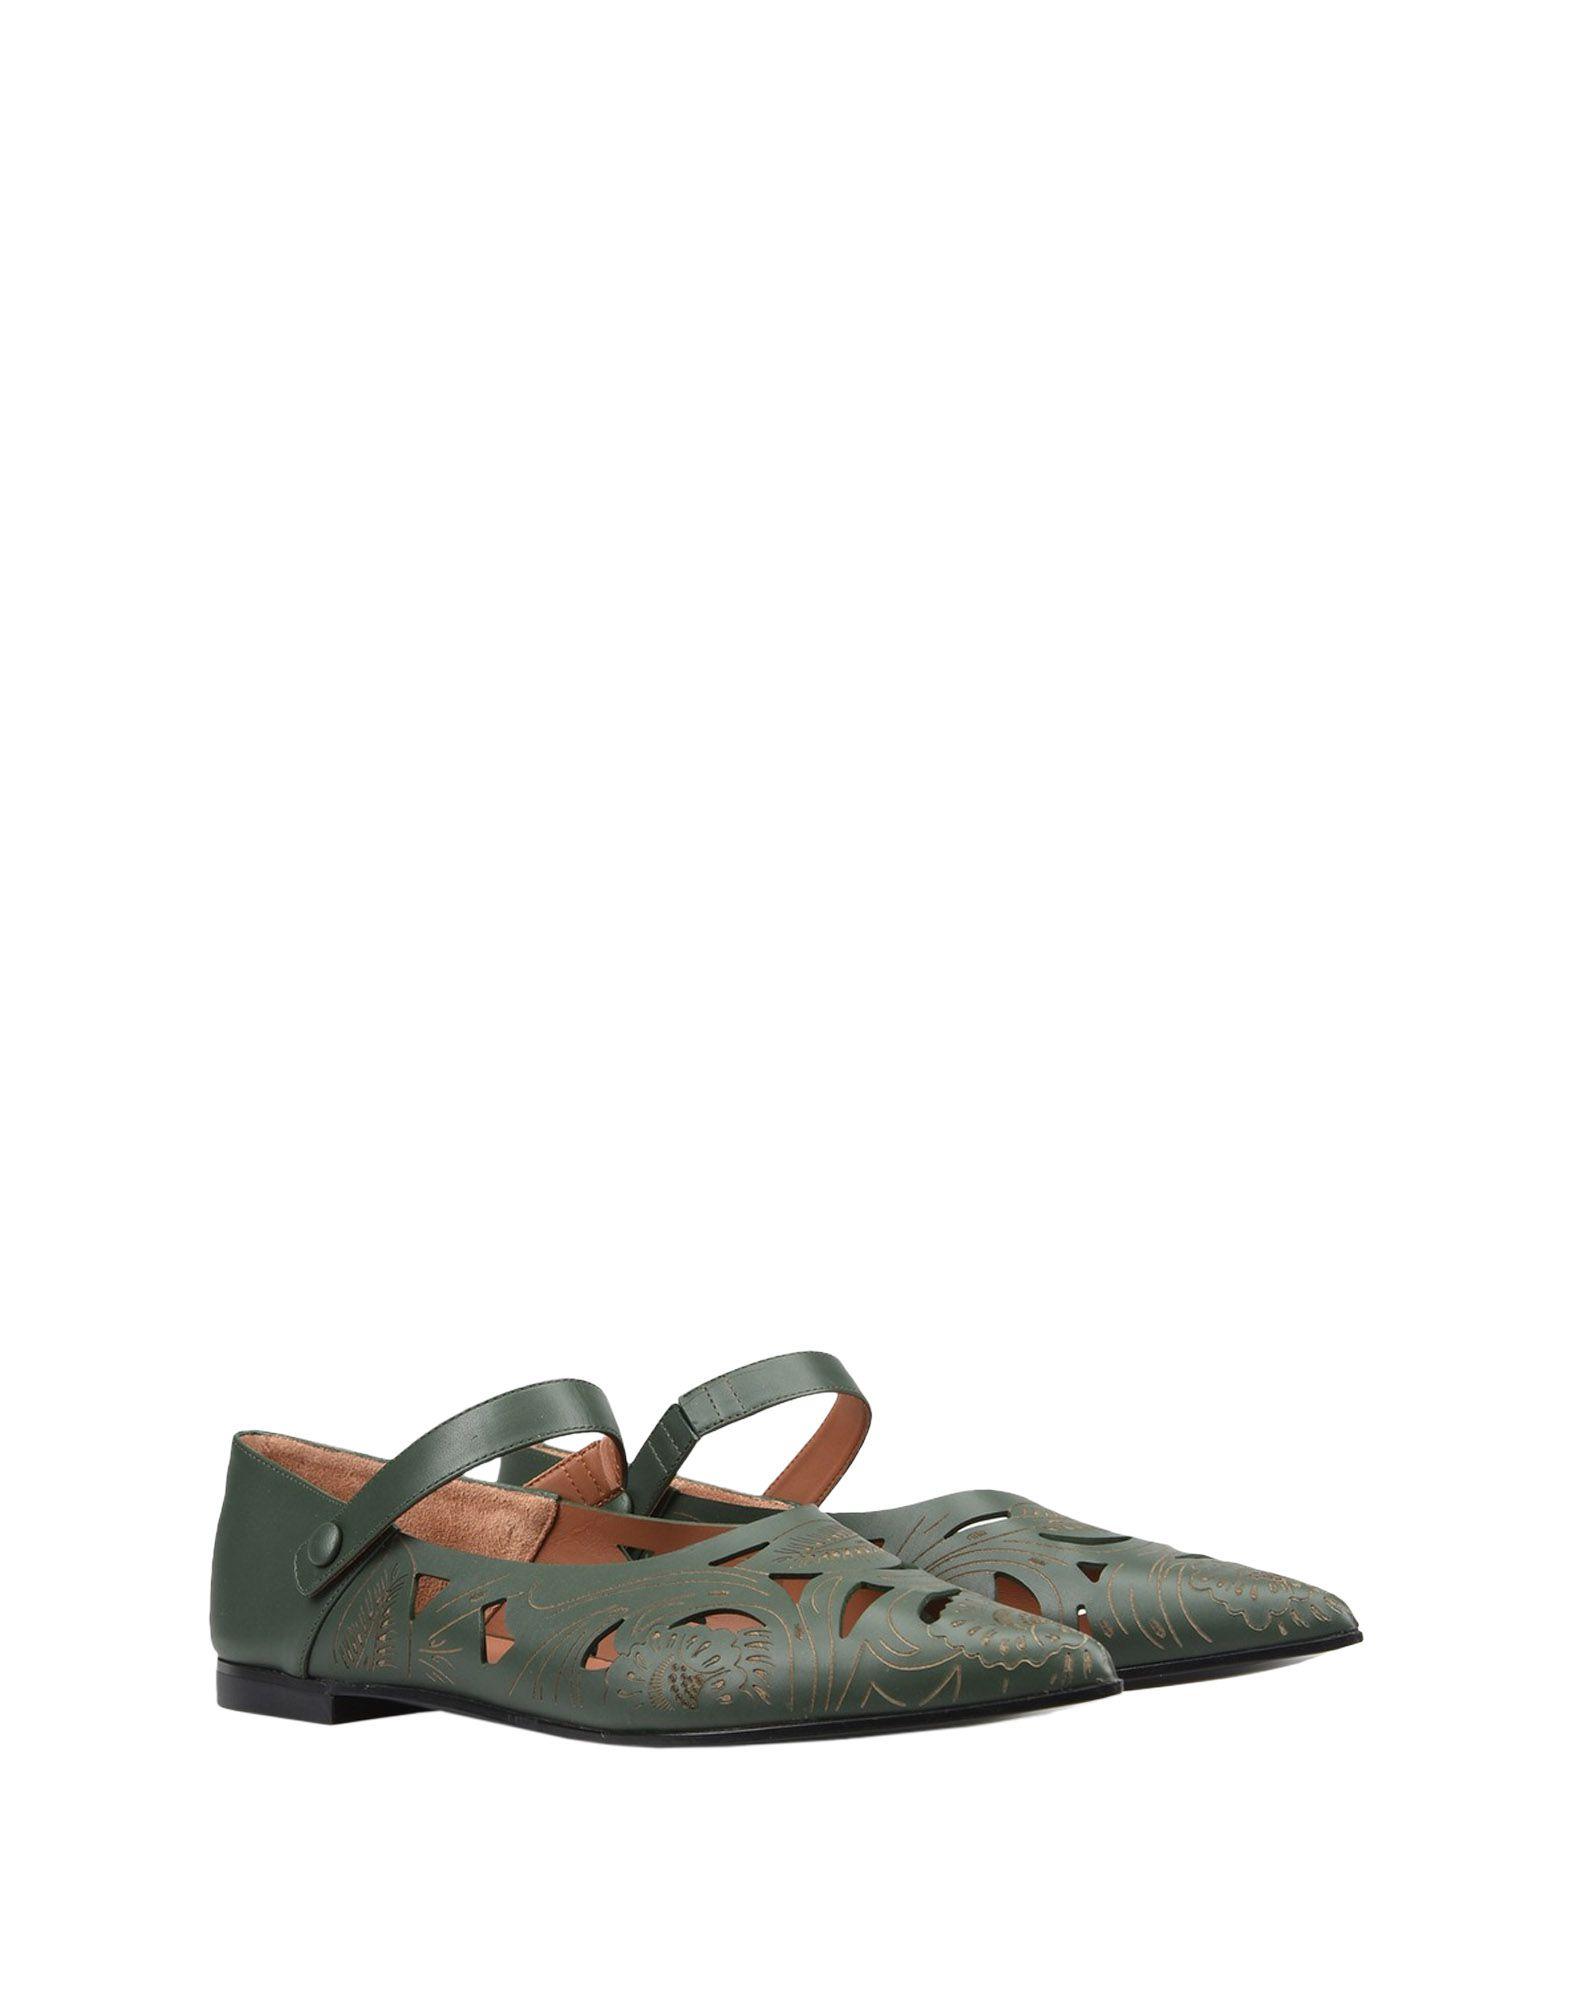 Stilvolle Ballerinas billige Schuhe Emporio Armani Ballerinas Stilvolle Damen  11443759IL f65bcd